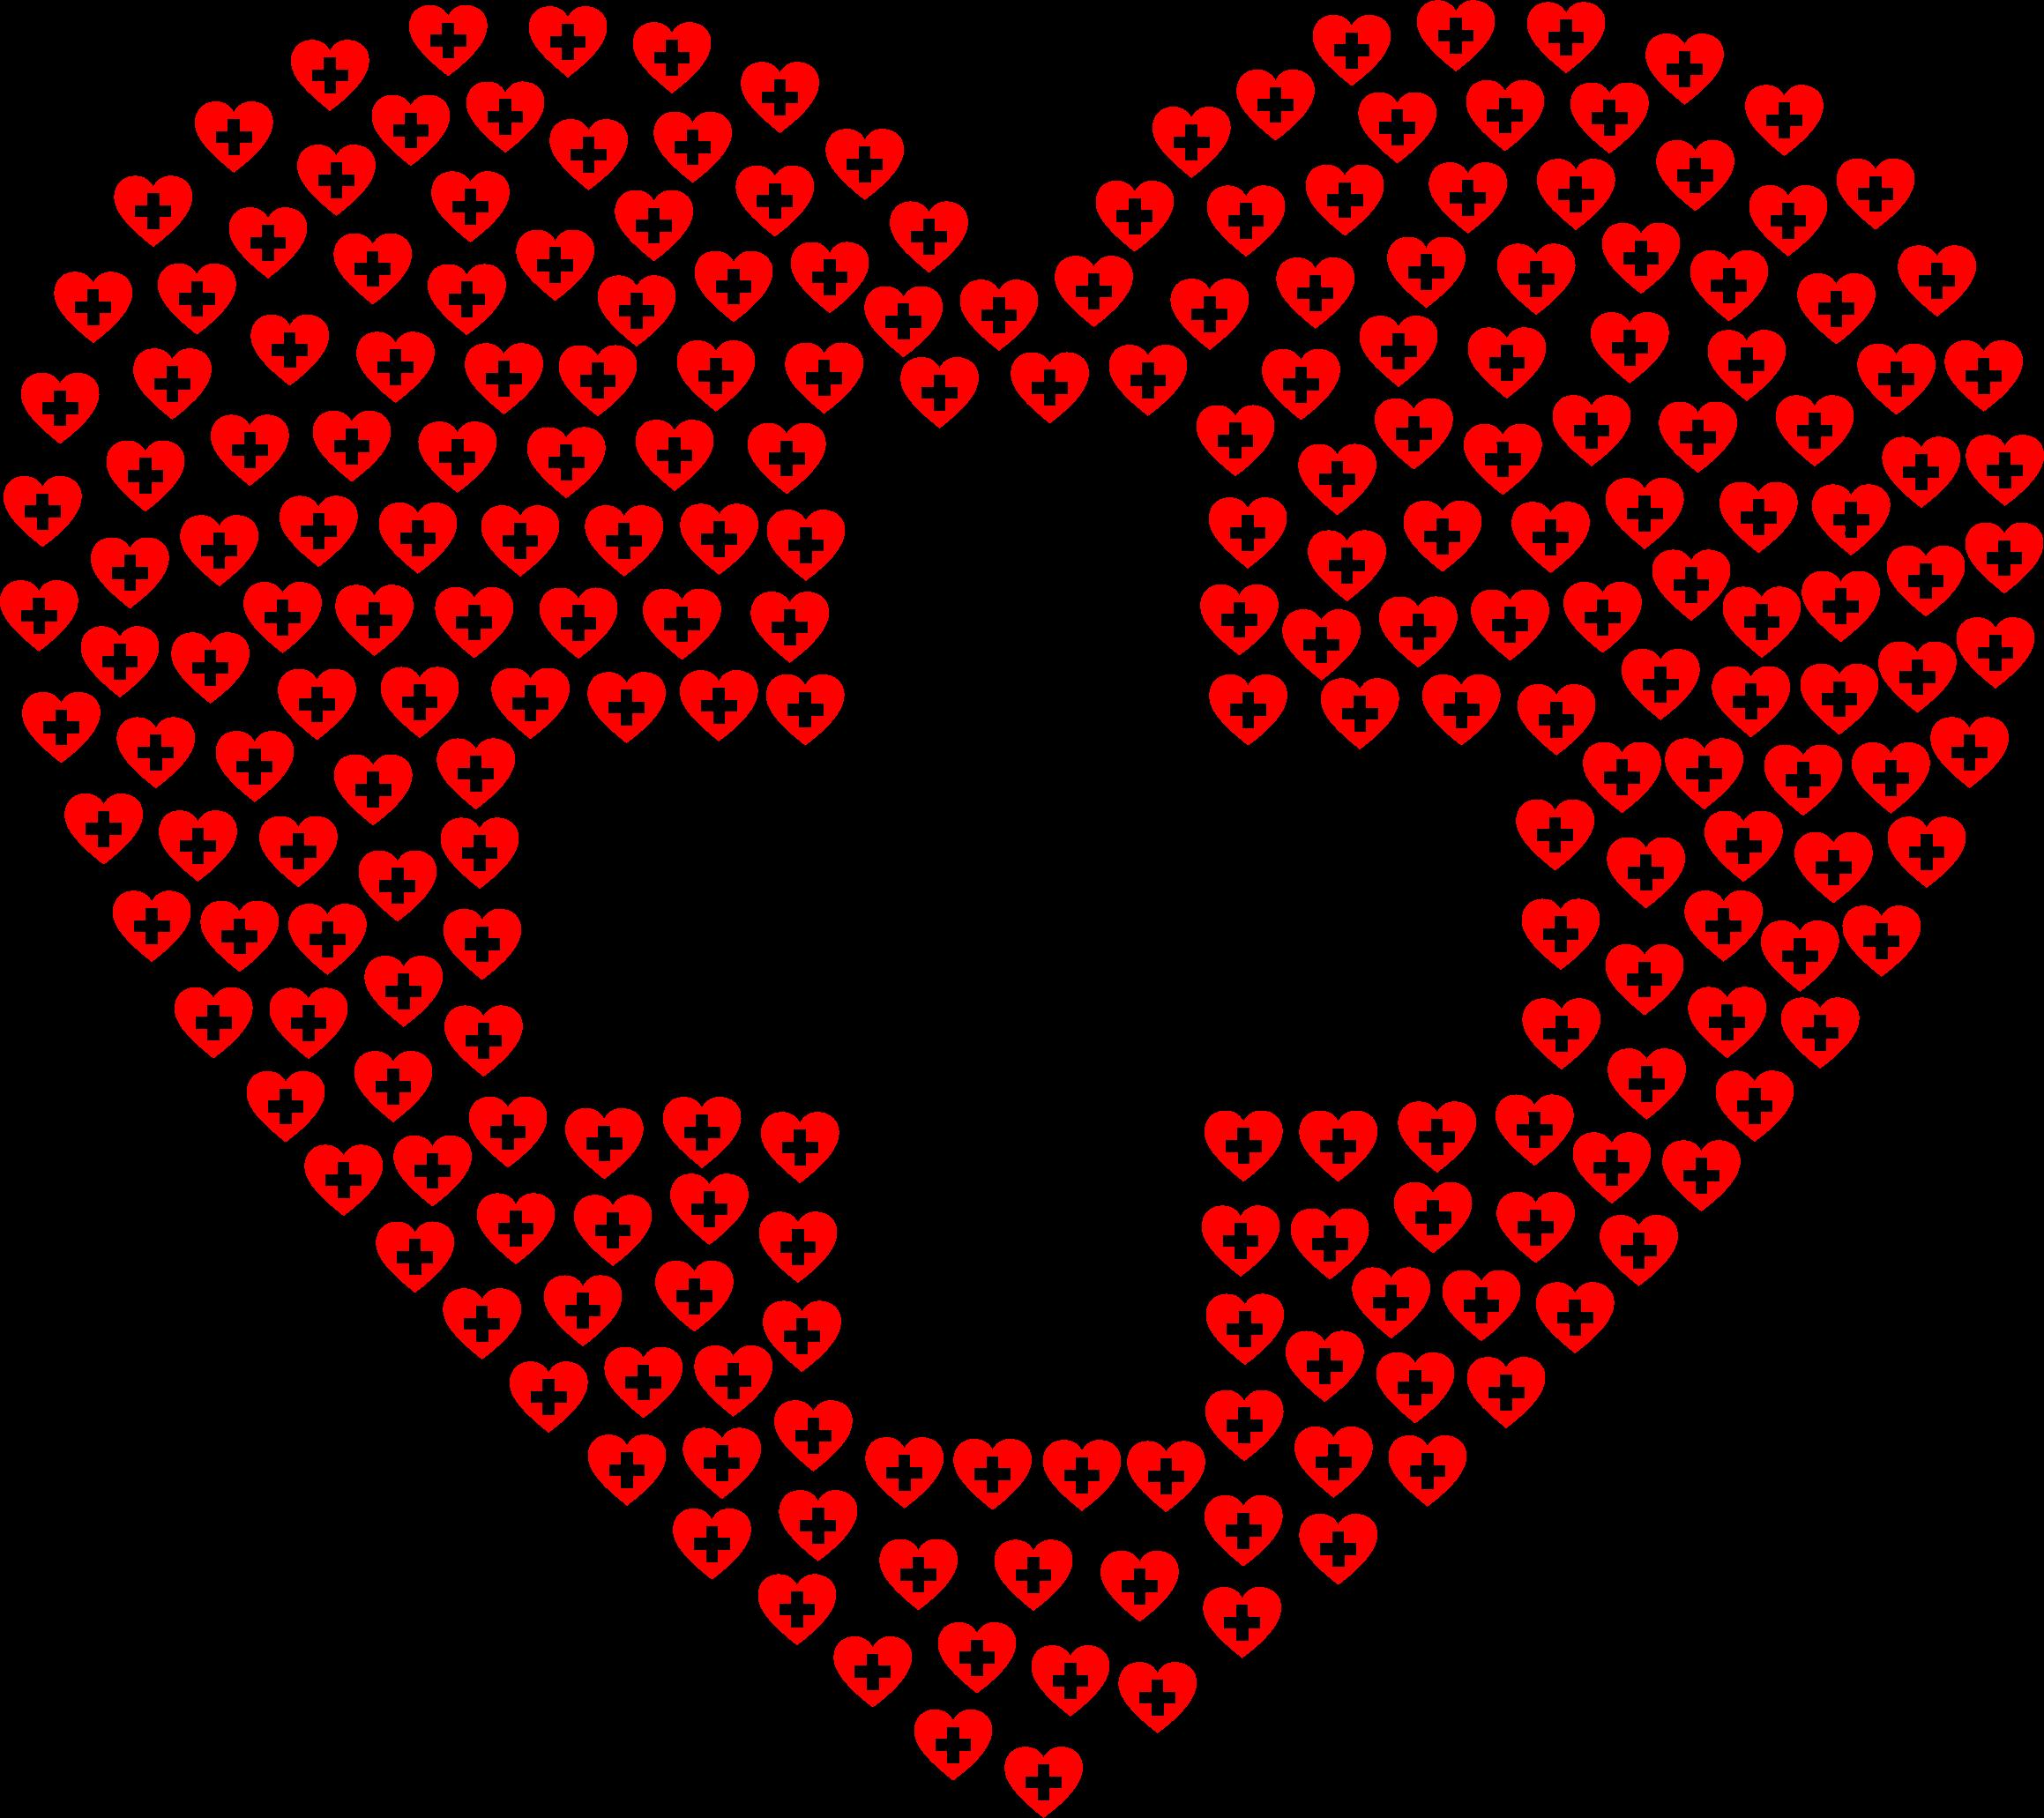 рисунок из смайлов сердце демонстрируют